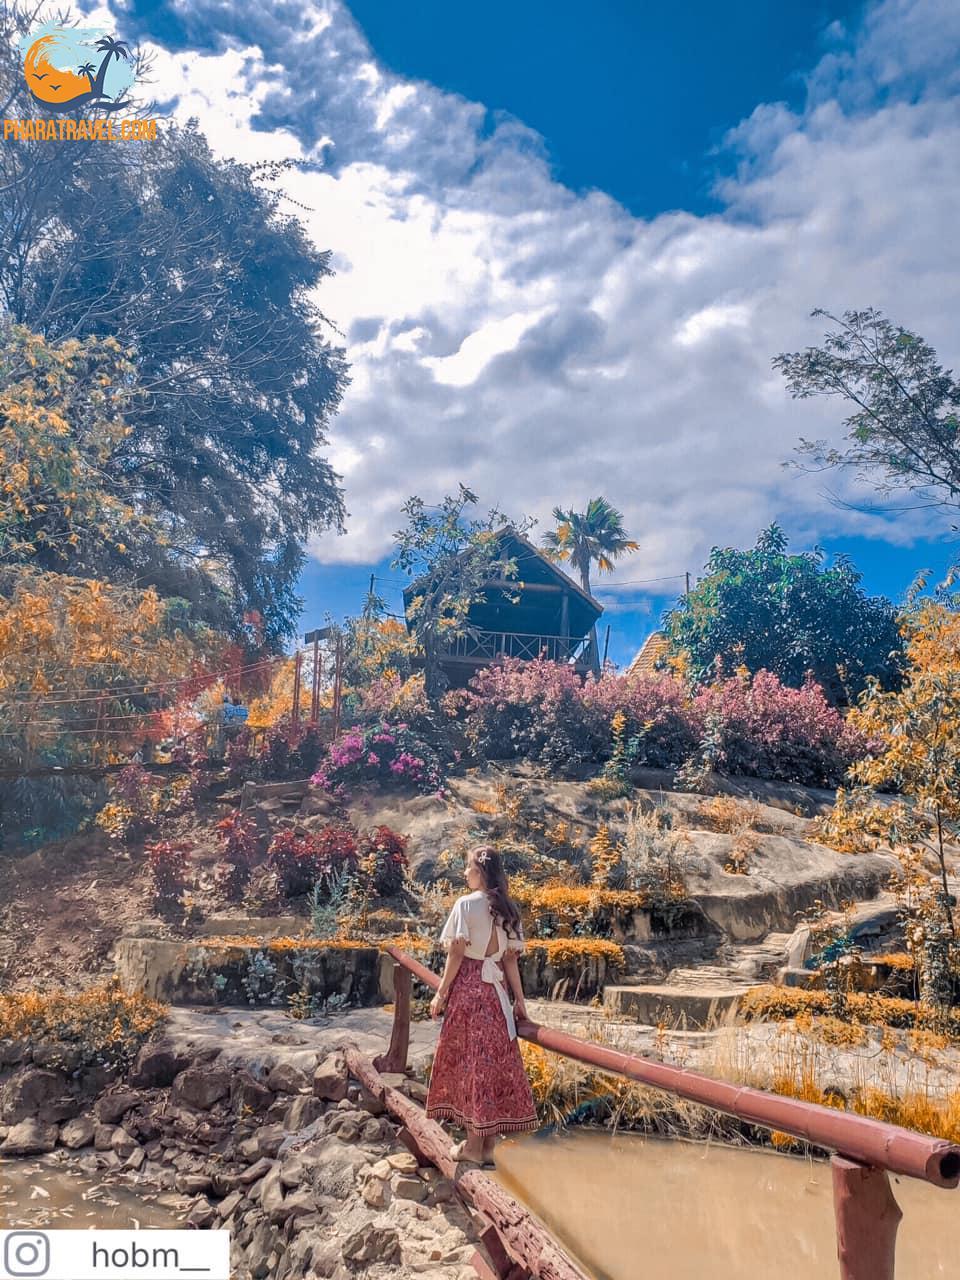 Du lịch Daklak: Kinh nghiệm từ A đến Z các điểm đến hấp dẫn không nên bỏ lỡ